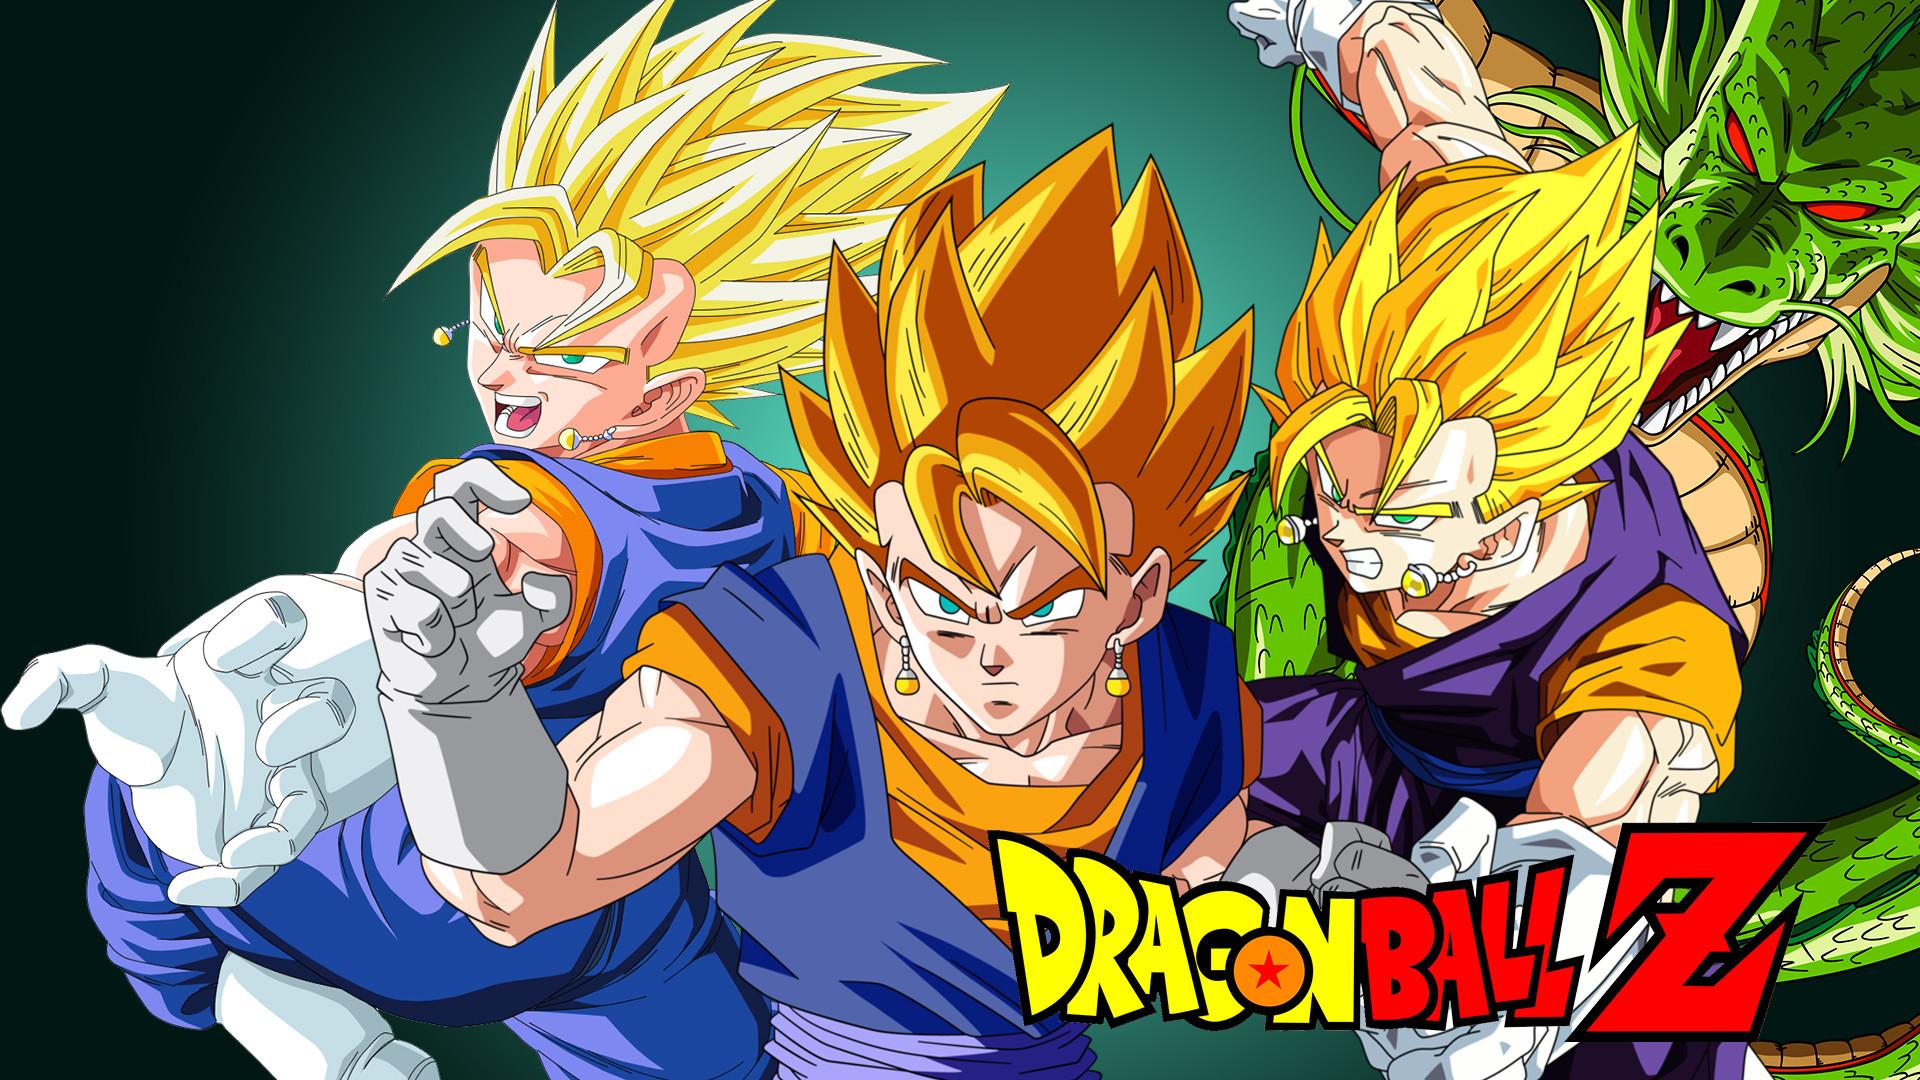 Super Vegito Dragon Ball Z Wallpaper HD #1482